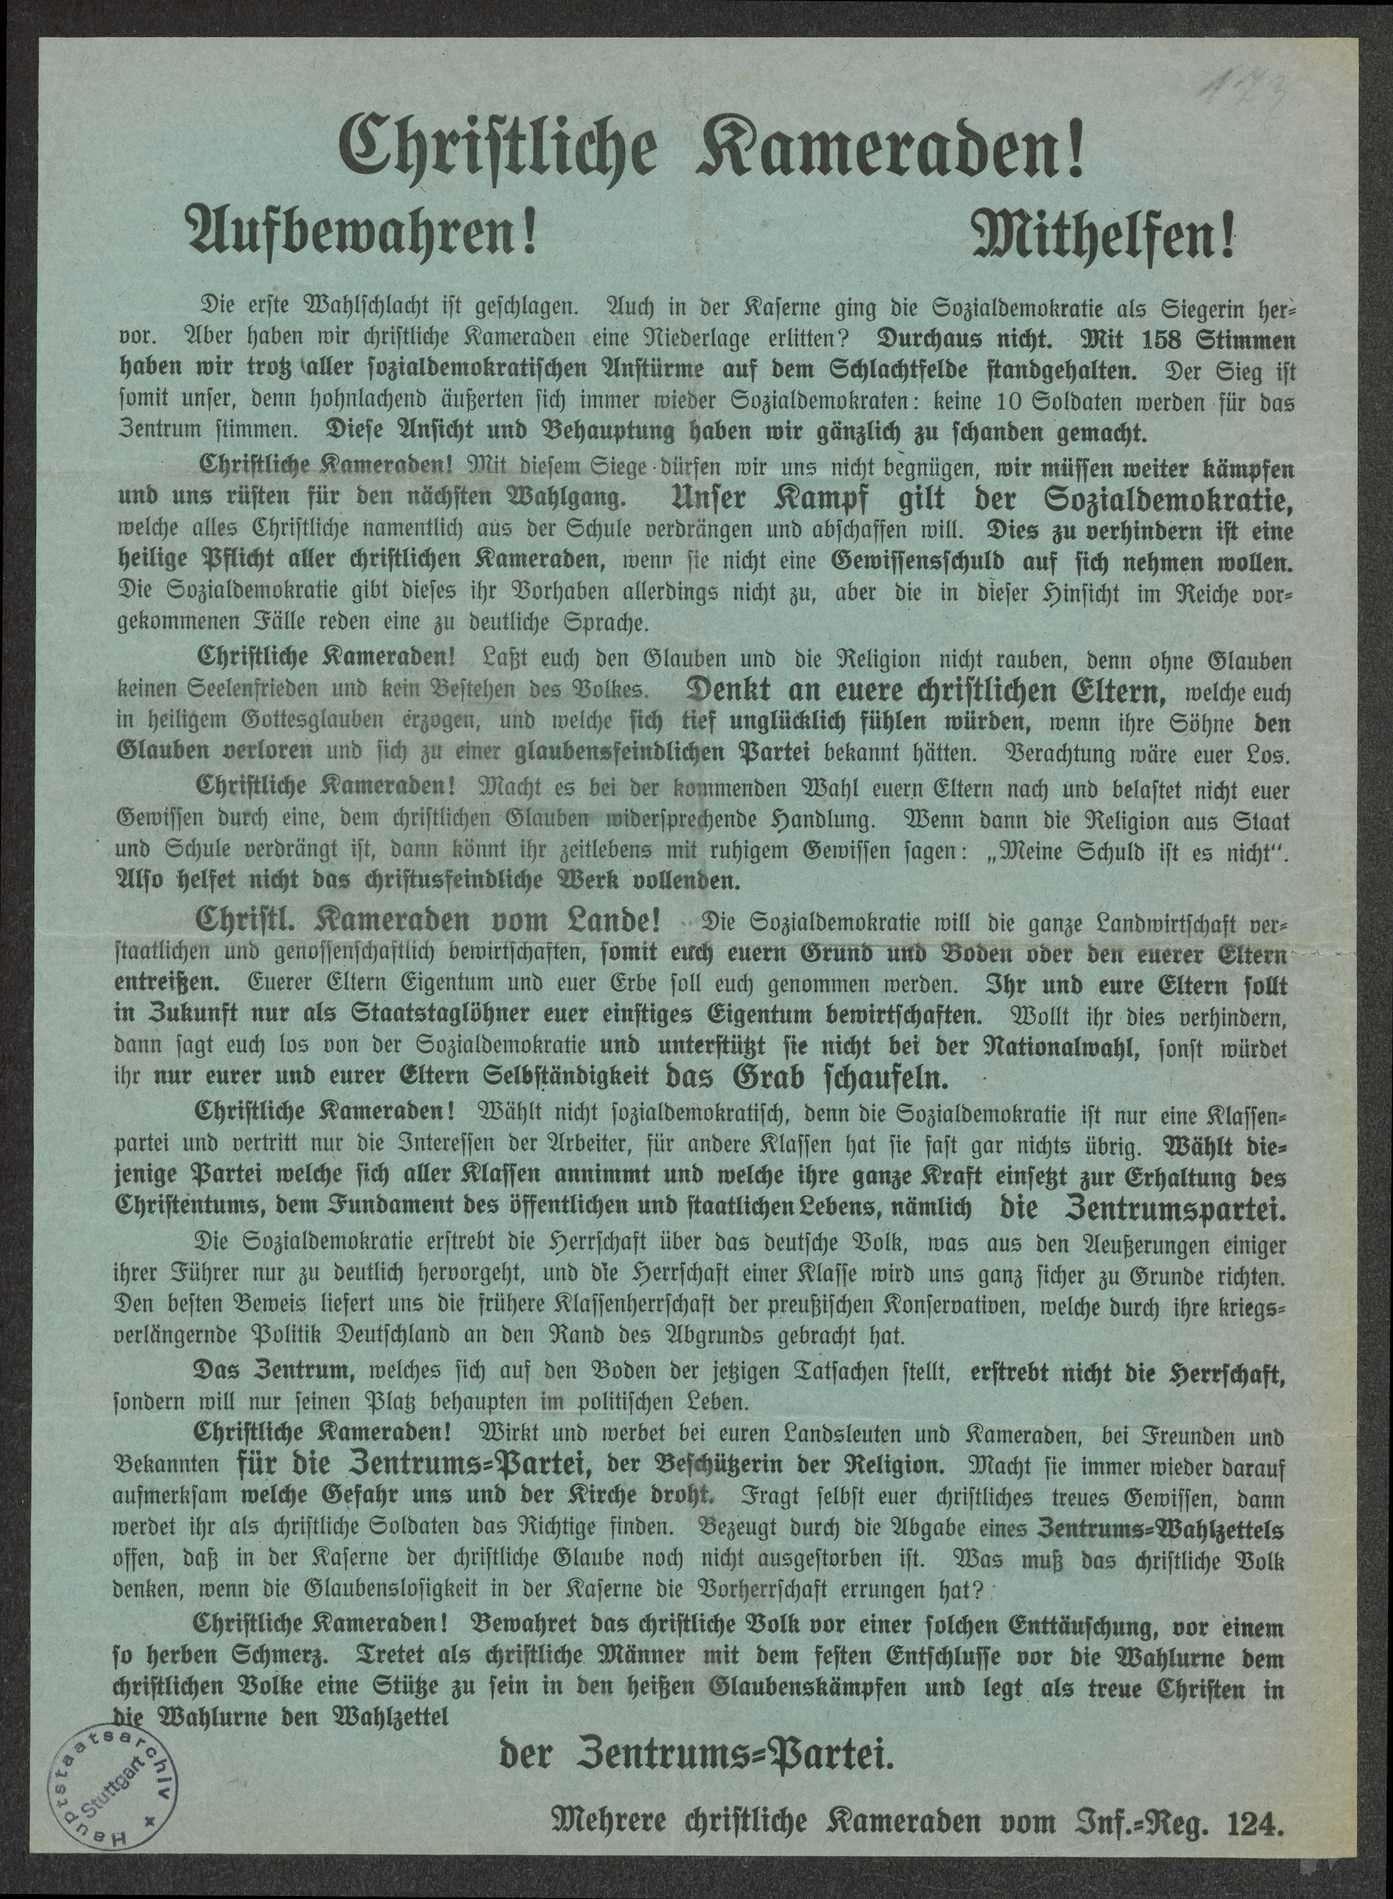 """Aufruf zur Wahl der und Werbung für die Zentrumspartei """"Christliche Kameraden"""", Soldaten des Infanterie-Regiments Nr. 124, 32x24 cm, Bild 1"""